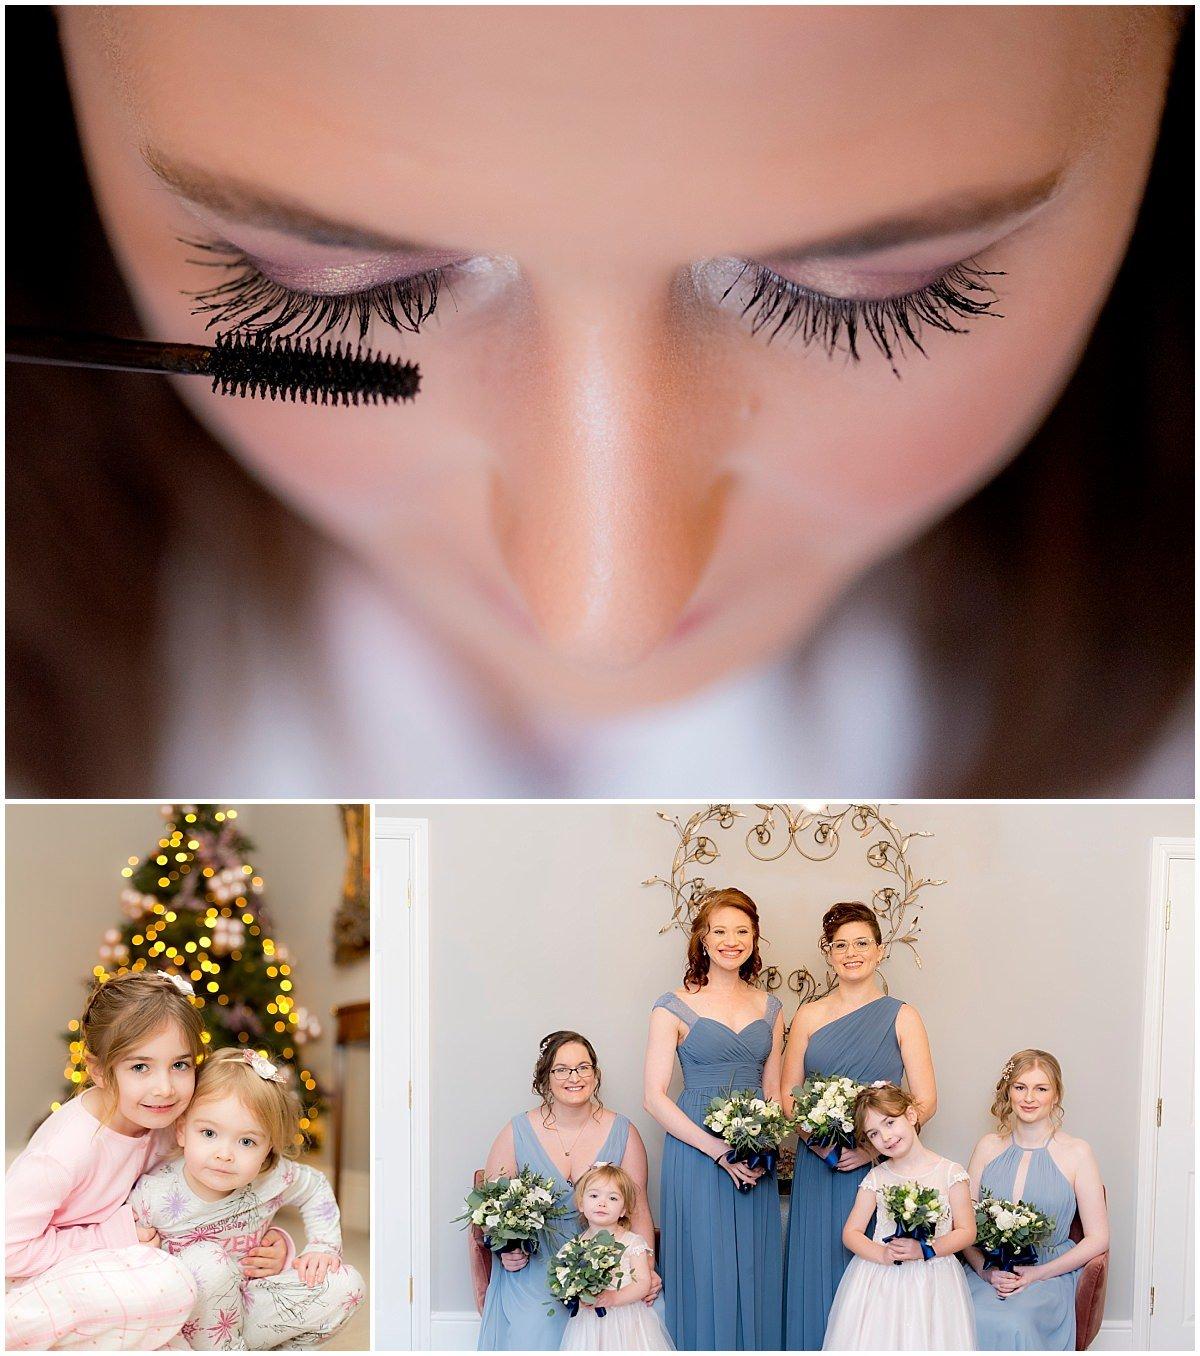 Wedding make up at Blackbrook House